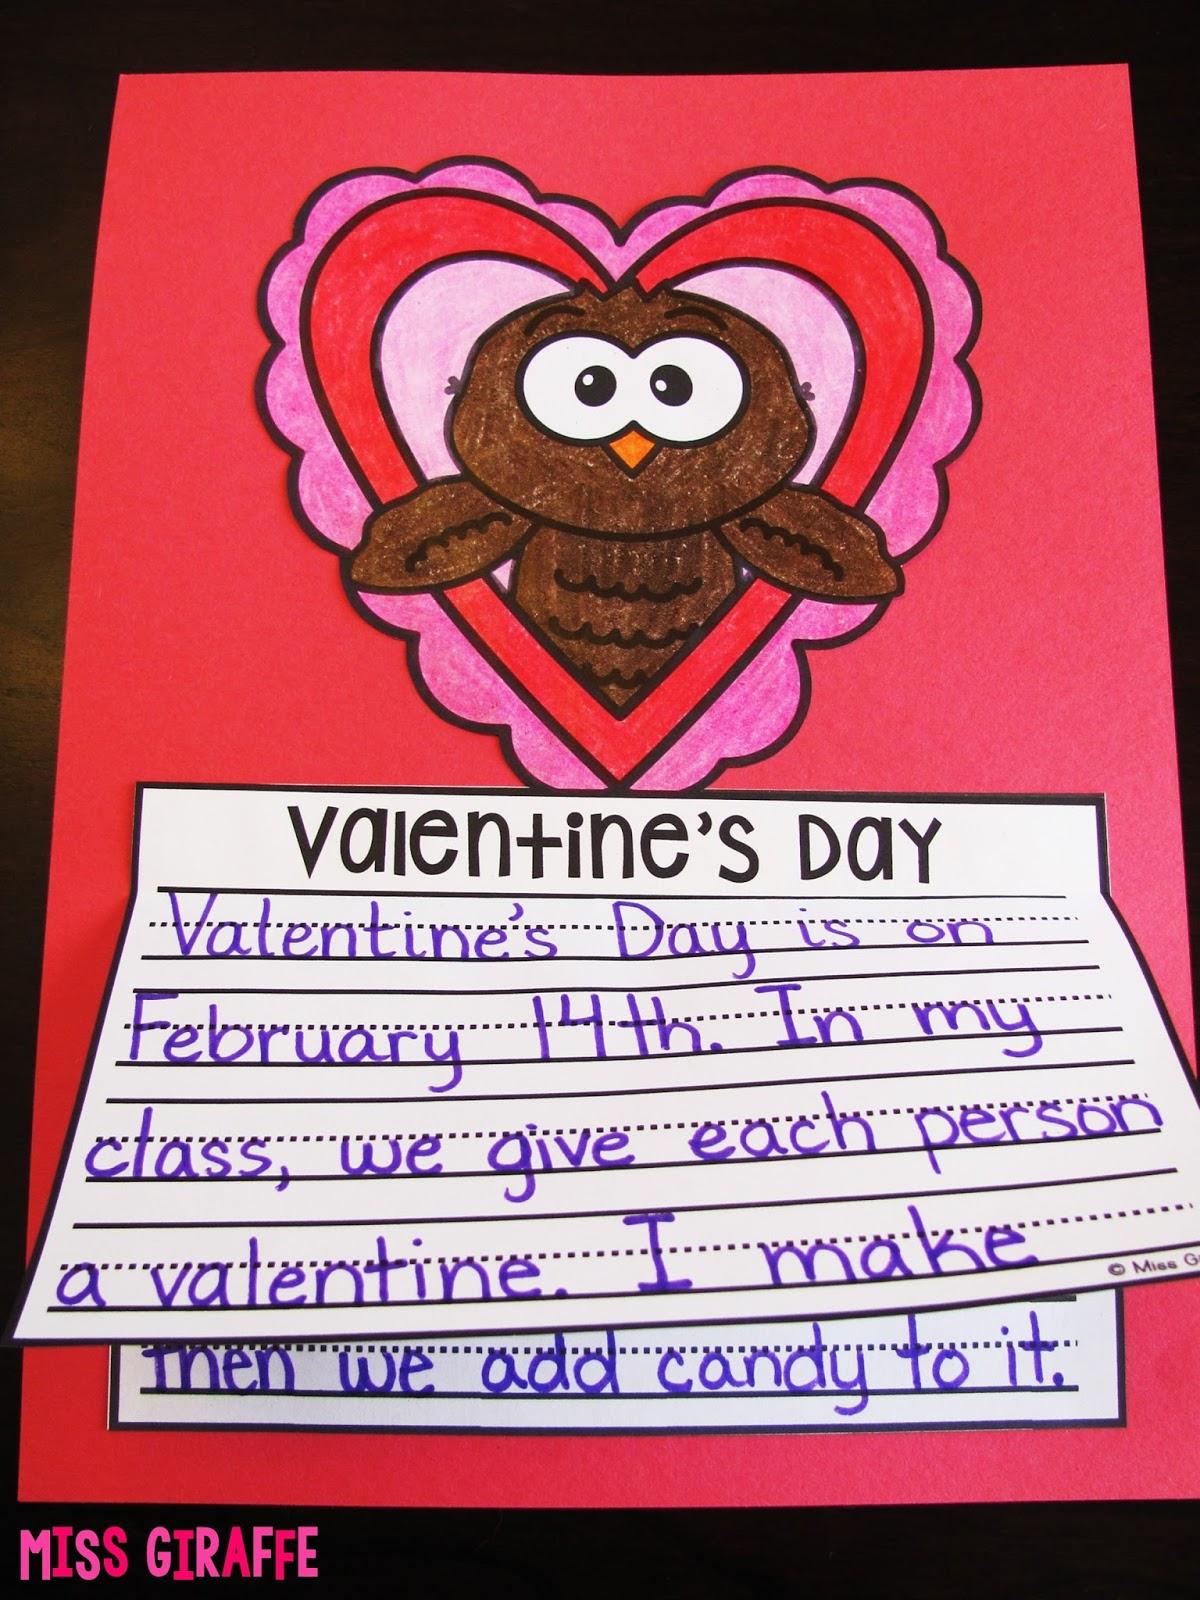 Big Bob and The Magic Valentine's Day Potato